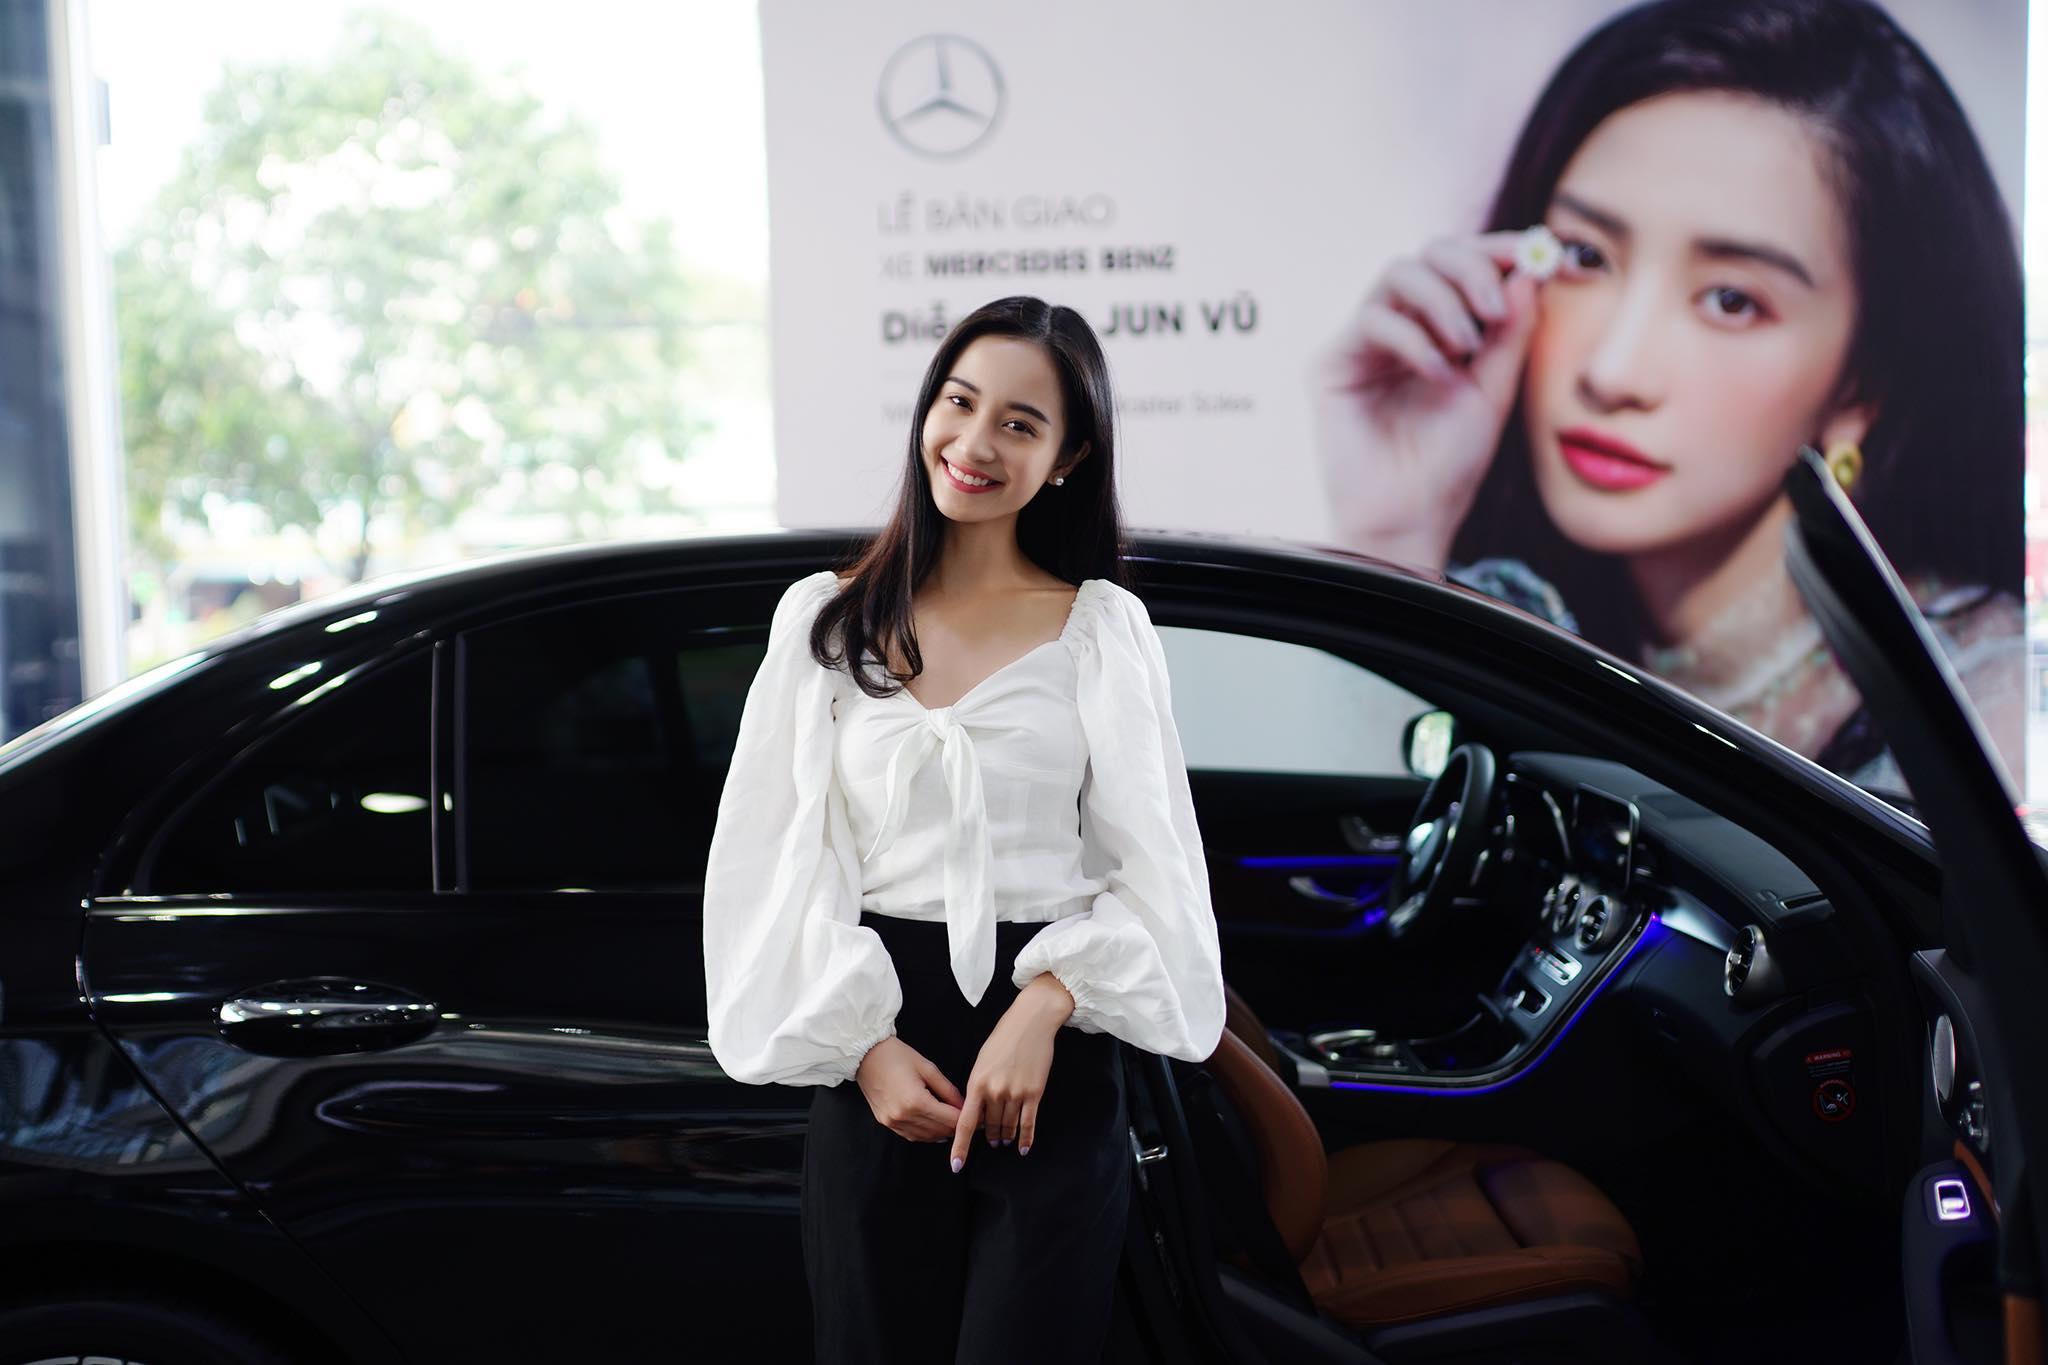 Diễn viên Jun Vũ tậu xe sang mừng sinh nhật tuổi 24 - 7